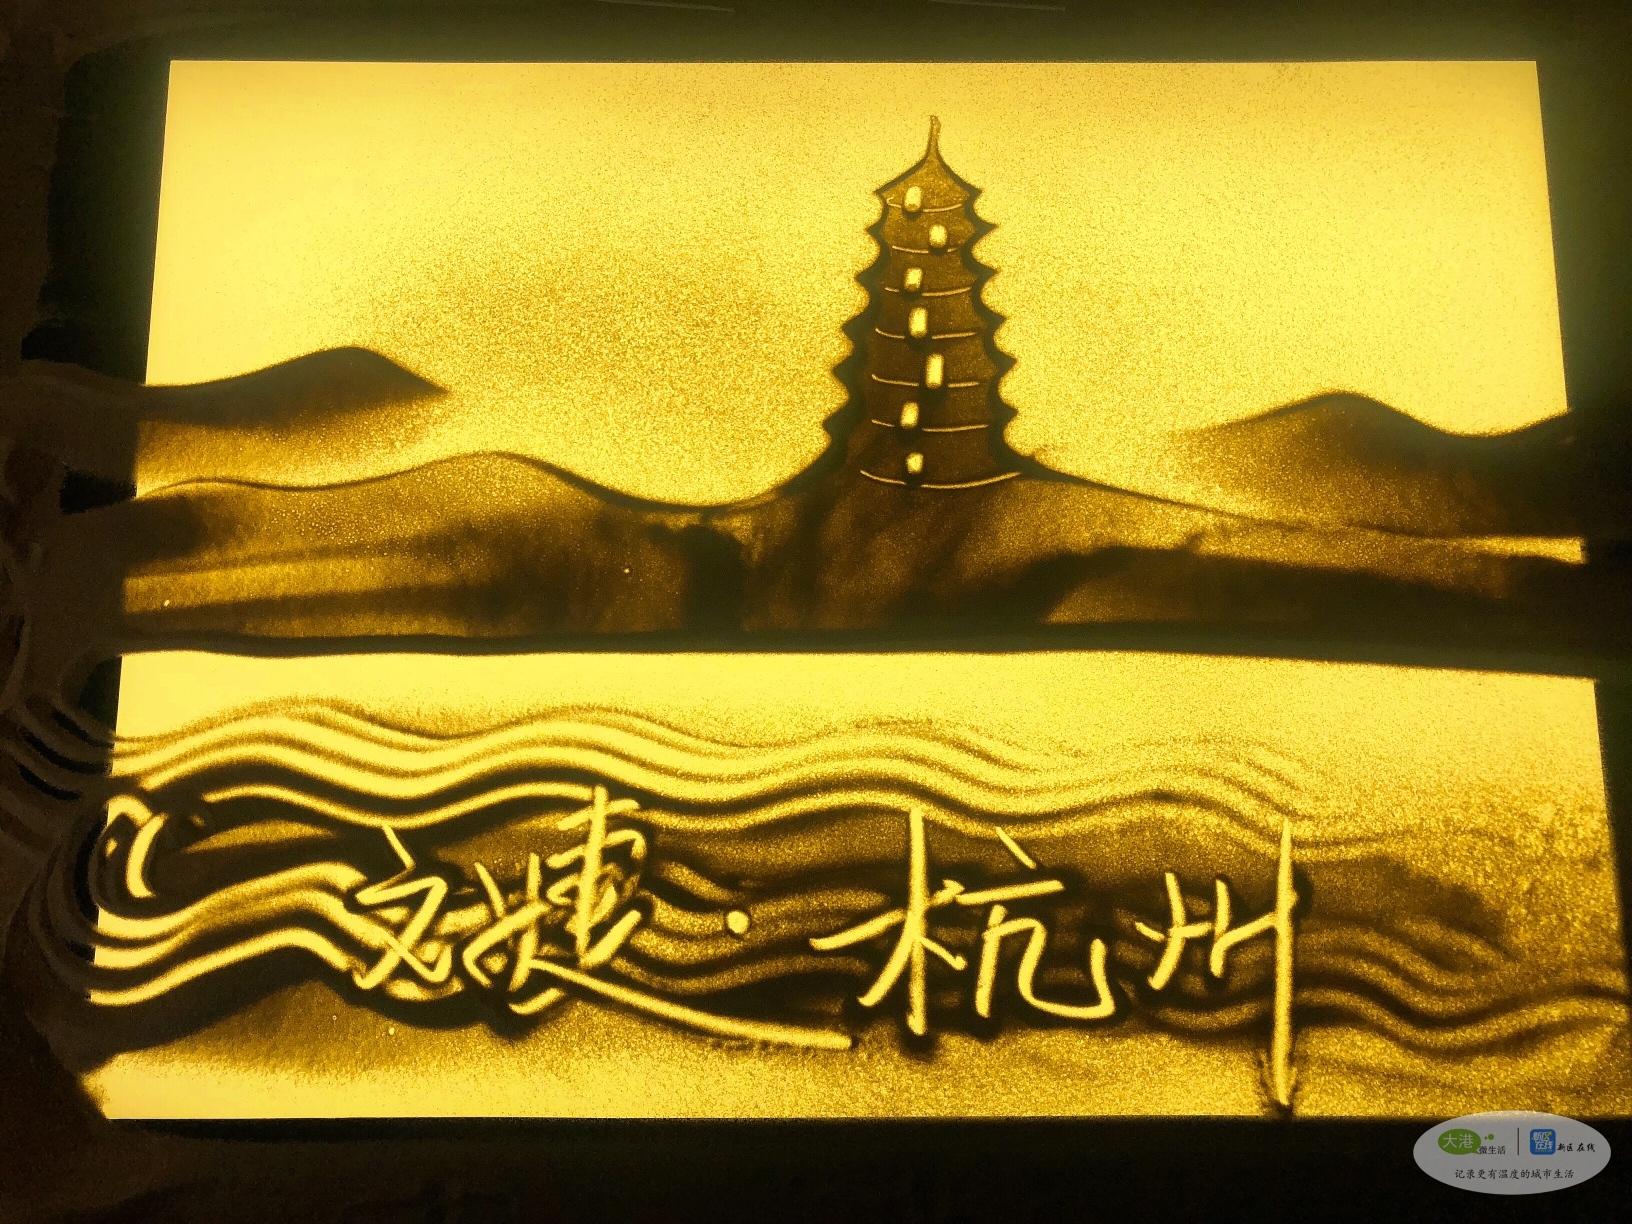 沙画杭州——龙门会酒吧